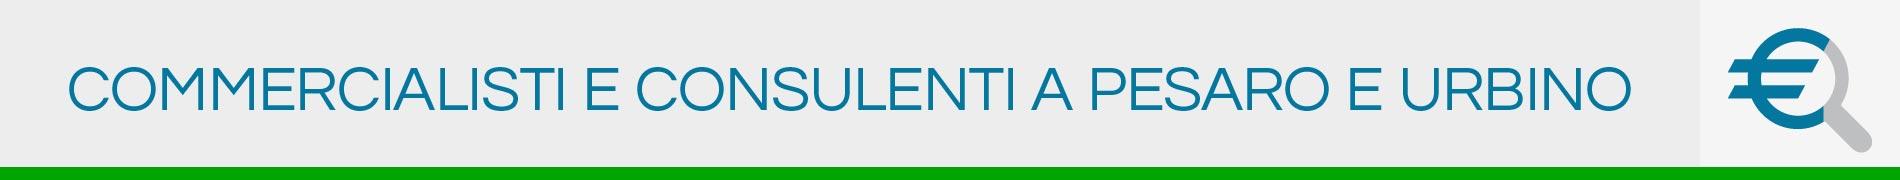 Commercialisti e Consulenti a Pesaro e Urbino